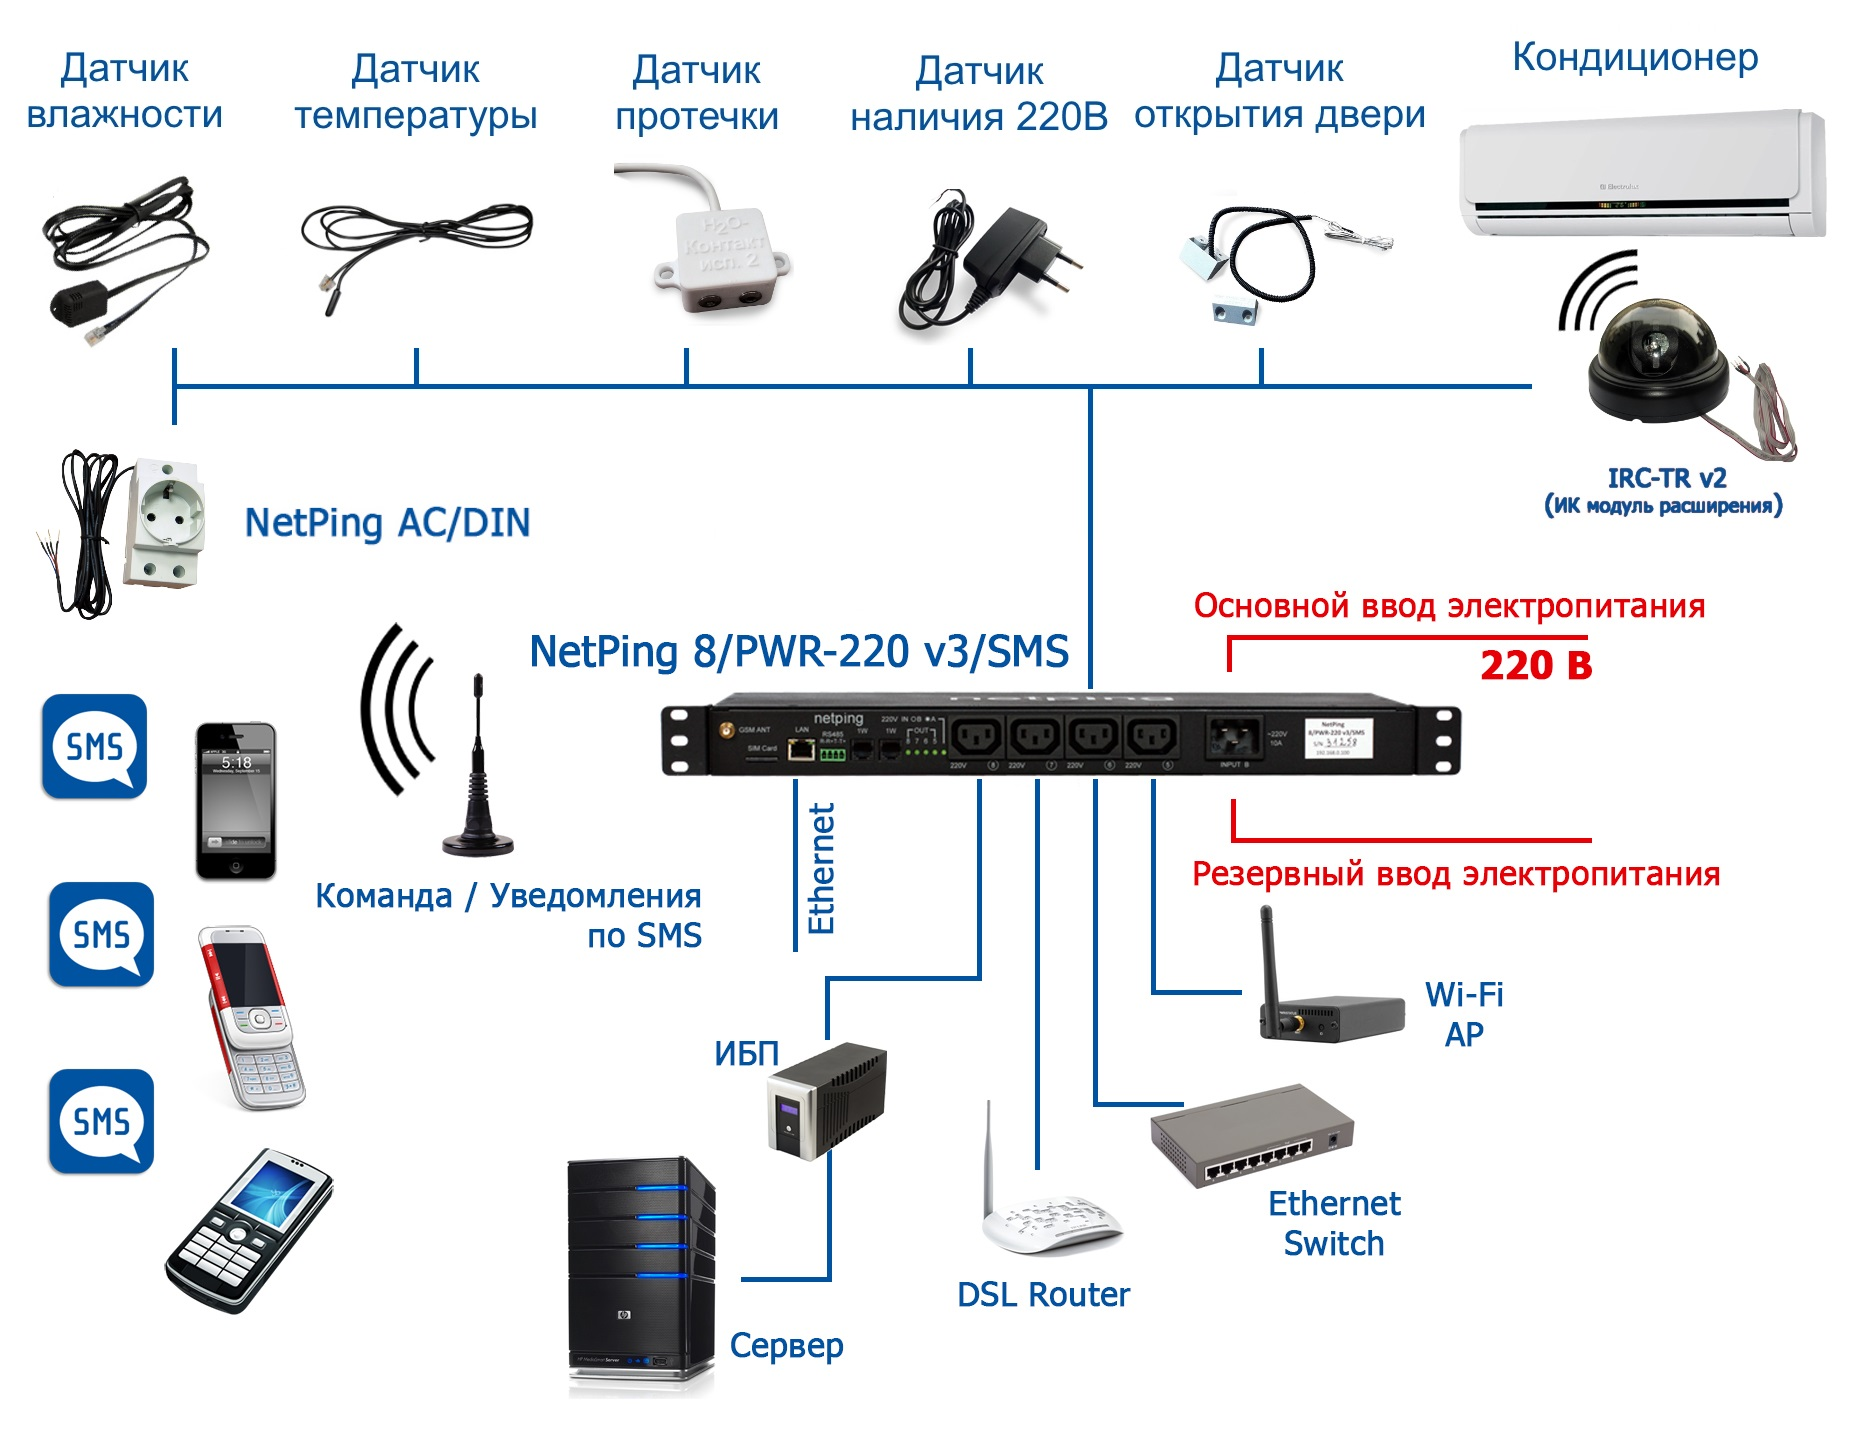 Подключение датчиков и внешних устройств к IP PDU NetPing 8PWR-220 v3SMS